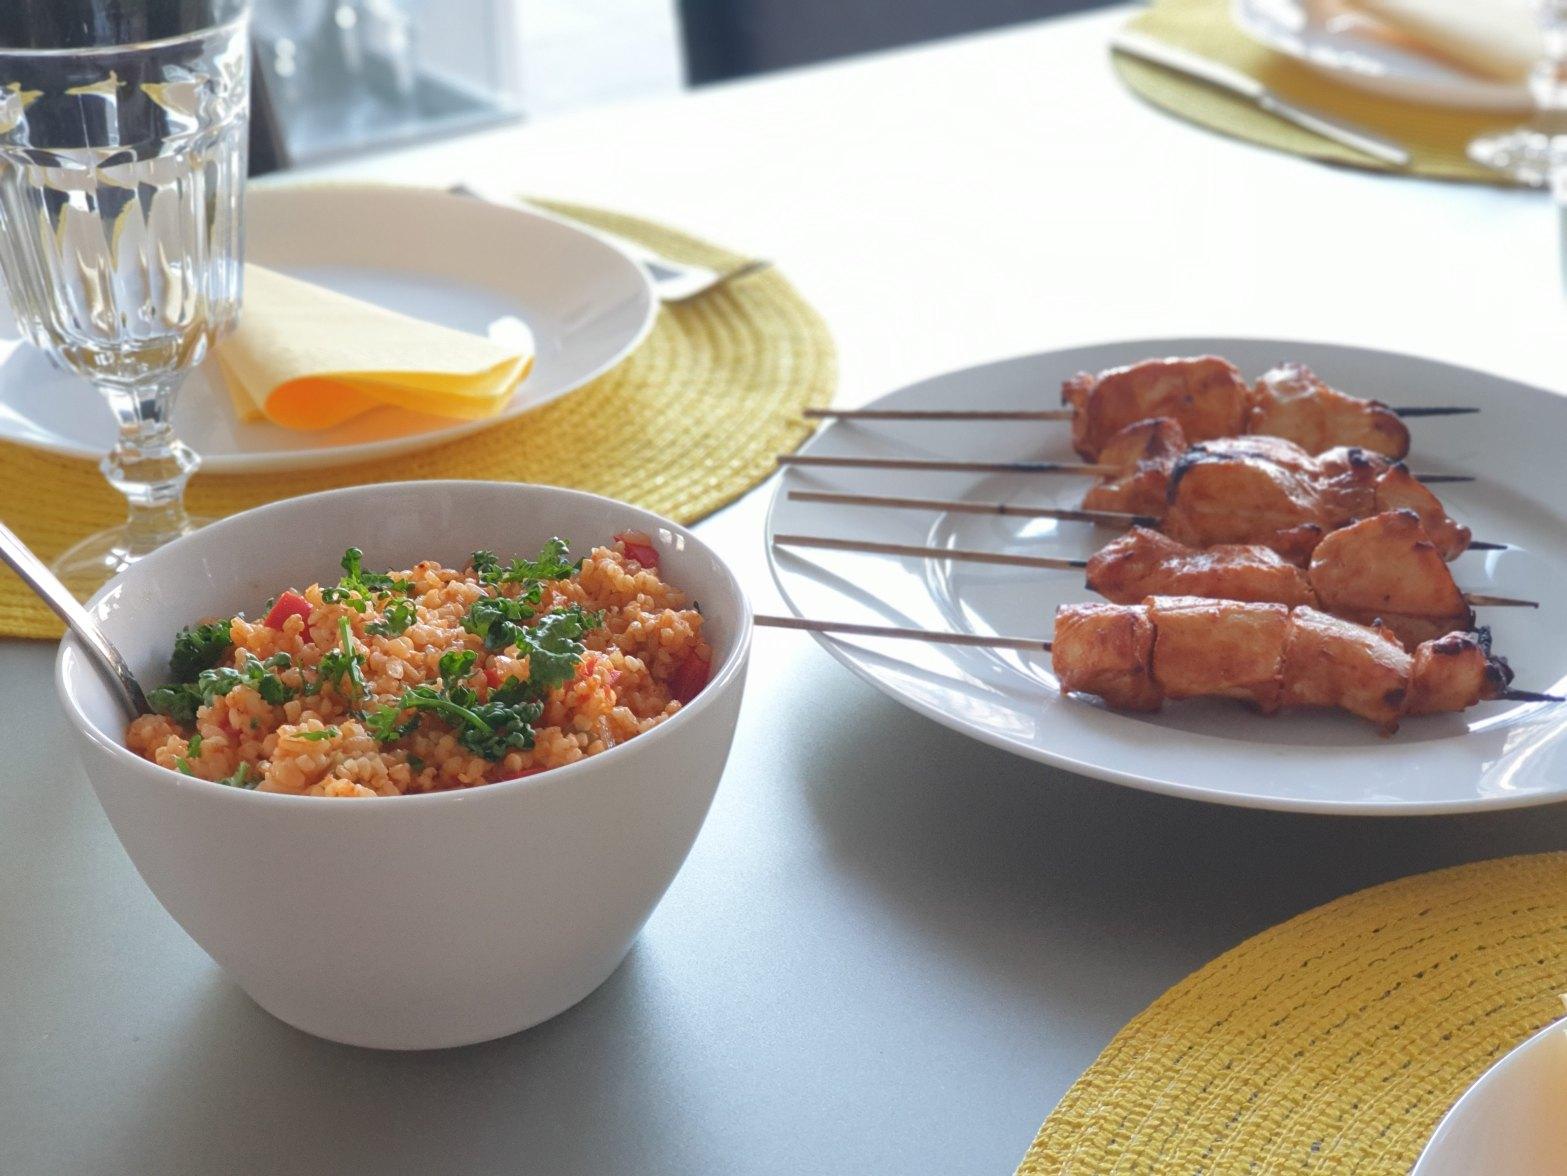 salada de cuscuz turca mais espetinho de frango